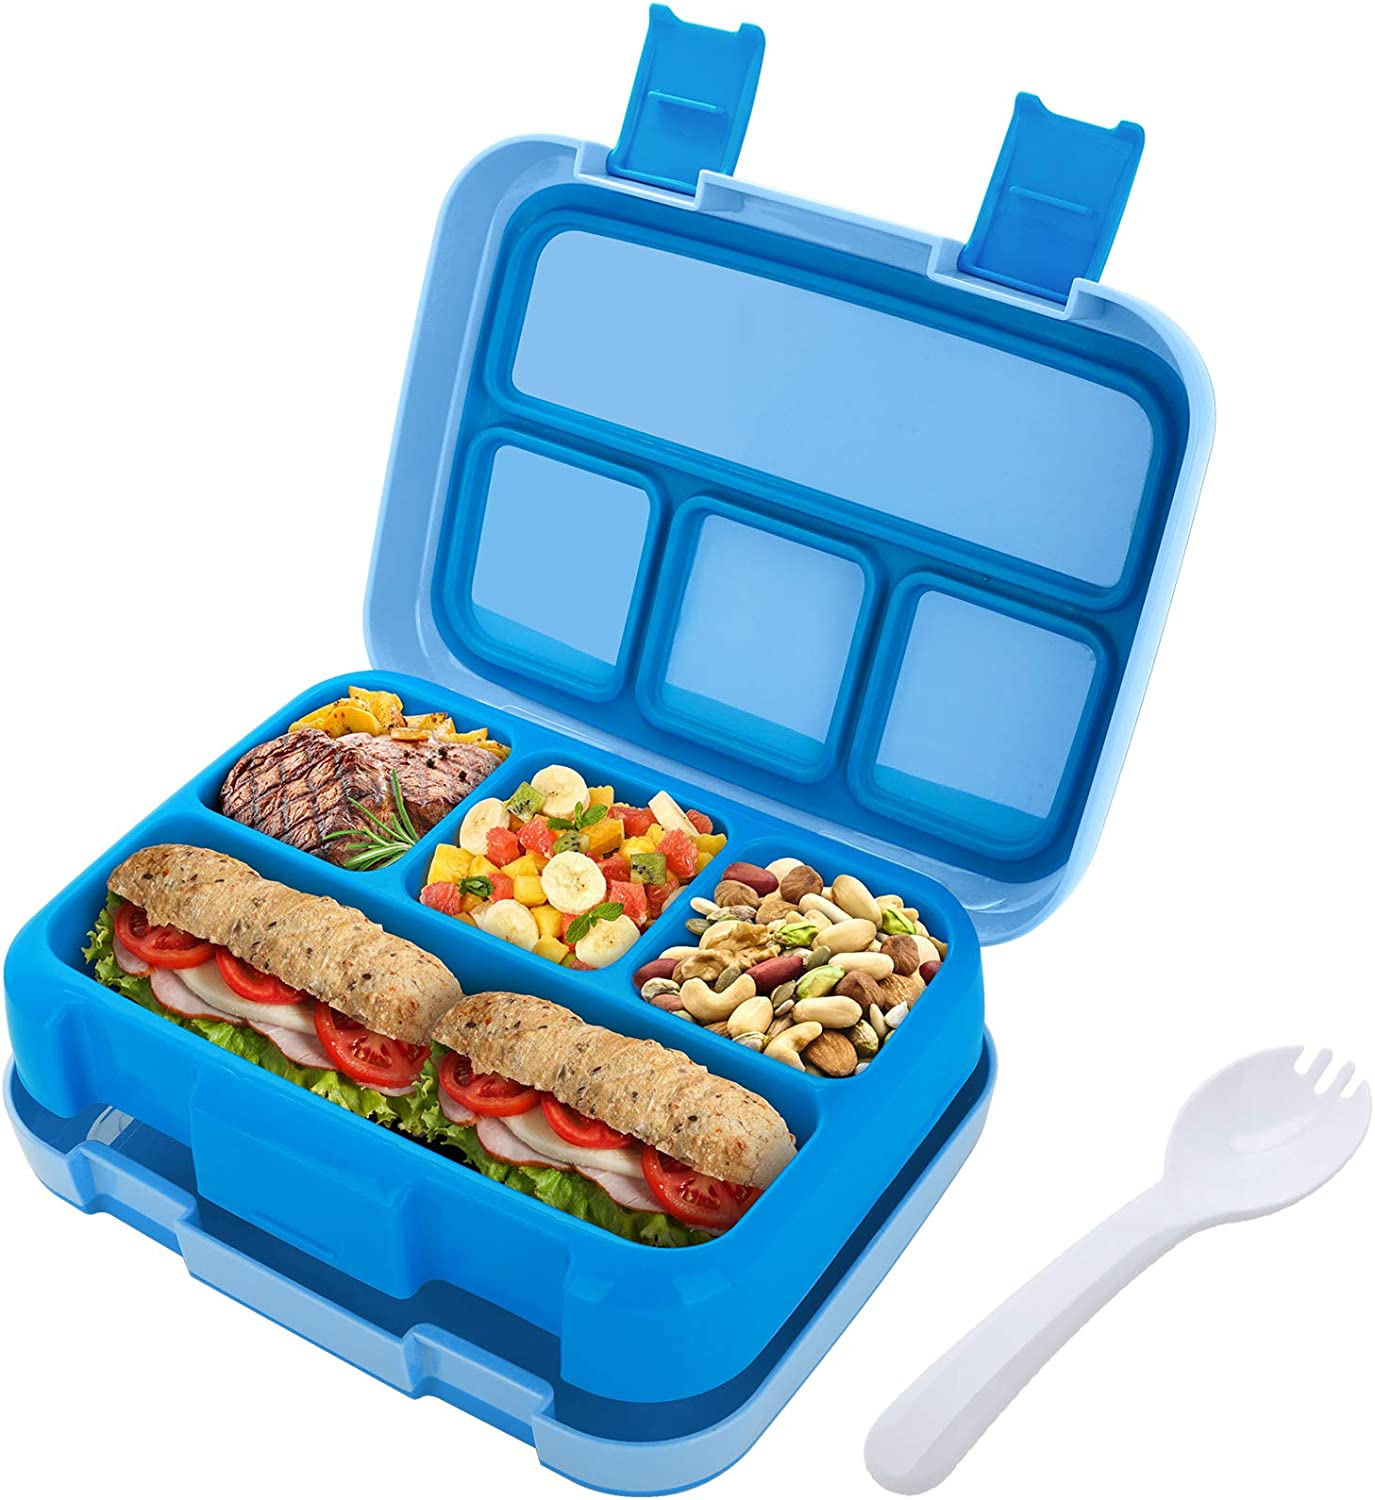 Jelife Fiambrera Infantil con 4 Compartimentos Tupper bento con Cubiertos y Cuchara Caja de Almuerzo Lunchbox para Niños Colegio Trabajo